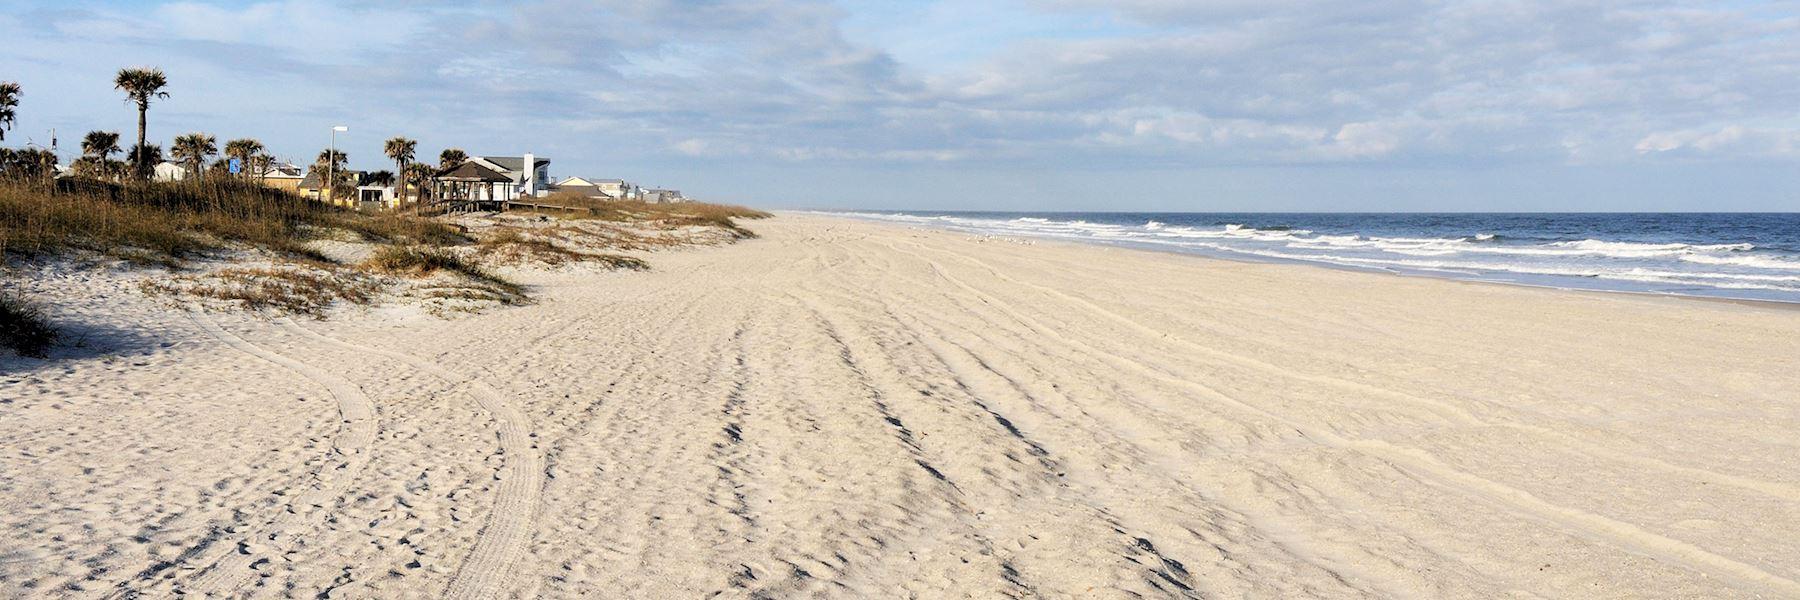 Visit Fernandina Beach, USA